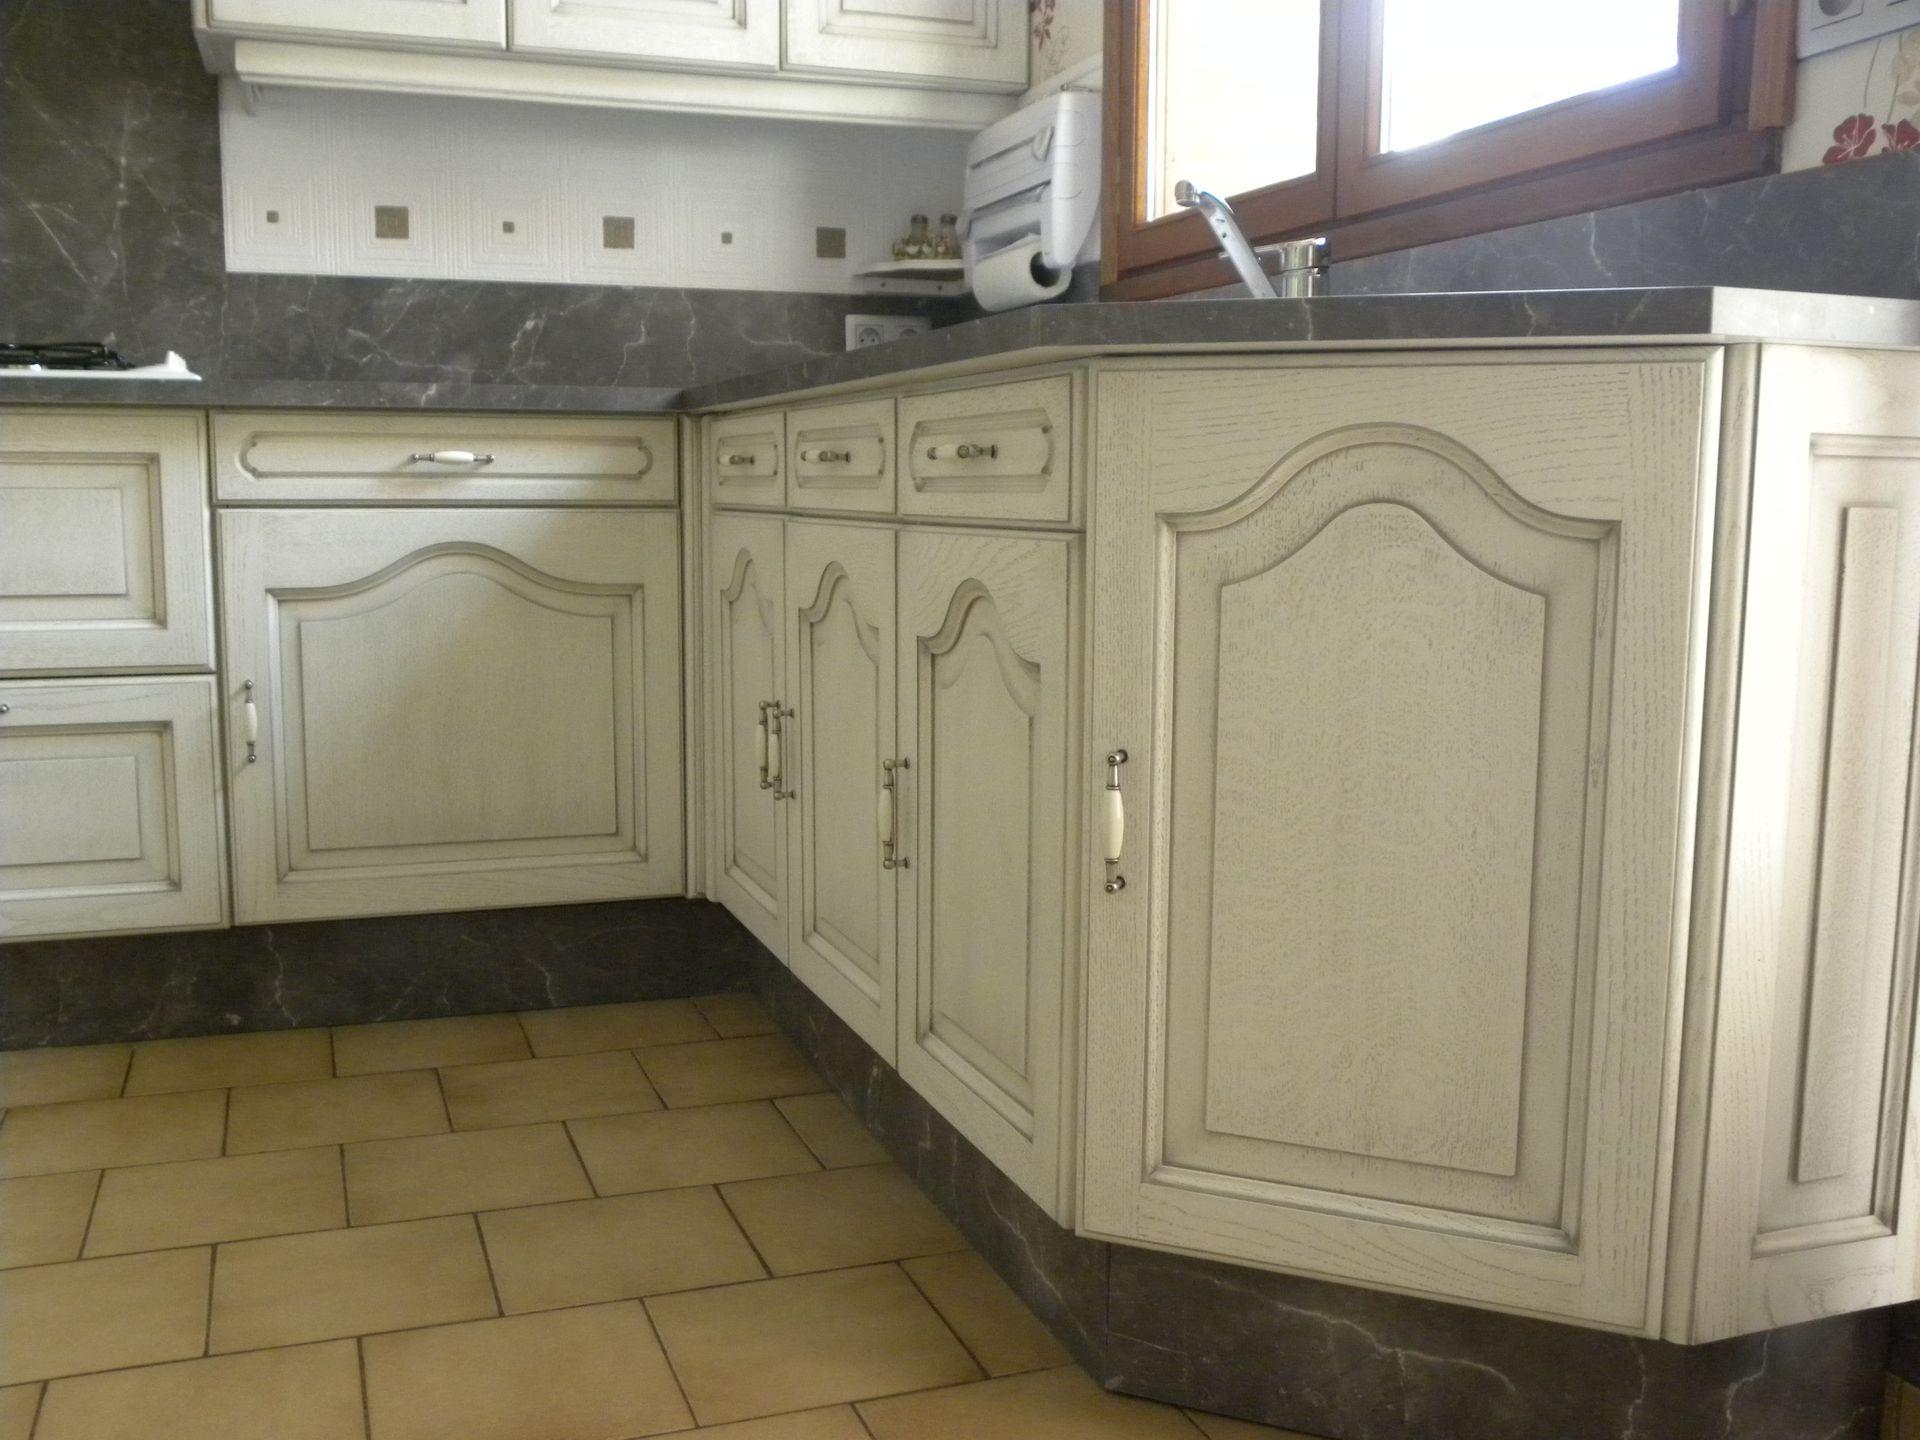 cuisine blanc cassé patine grise - gilles martel